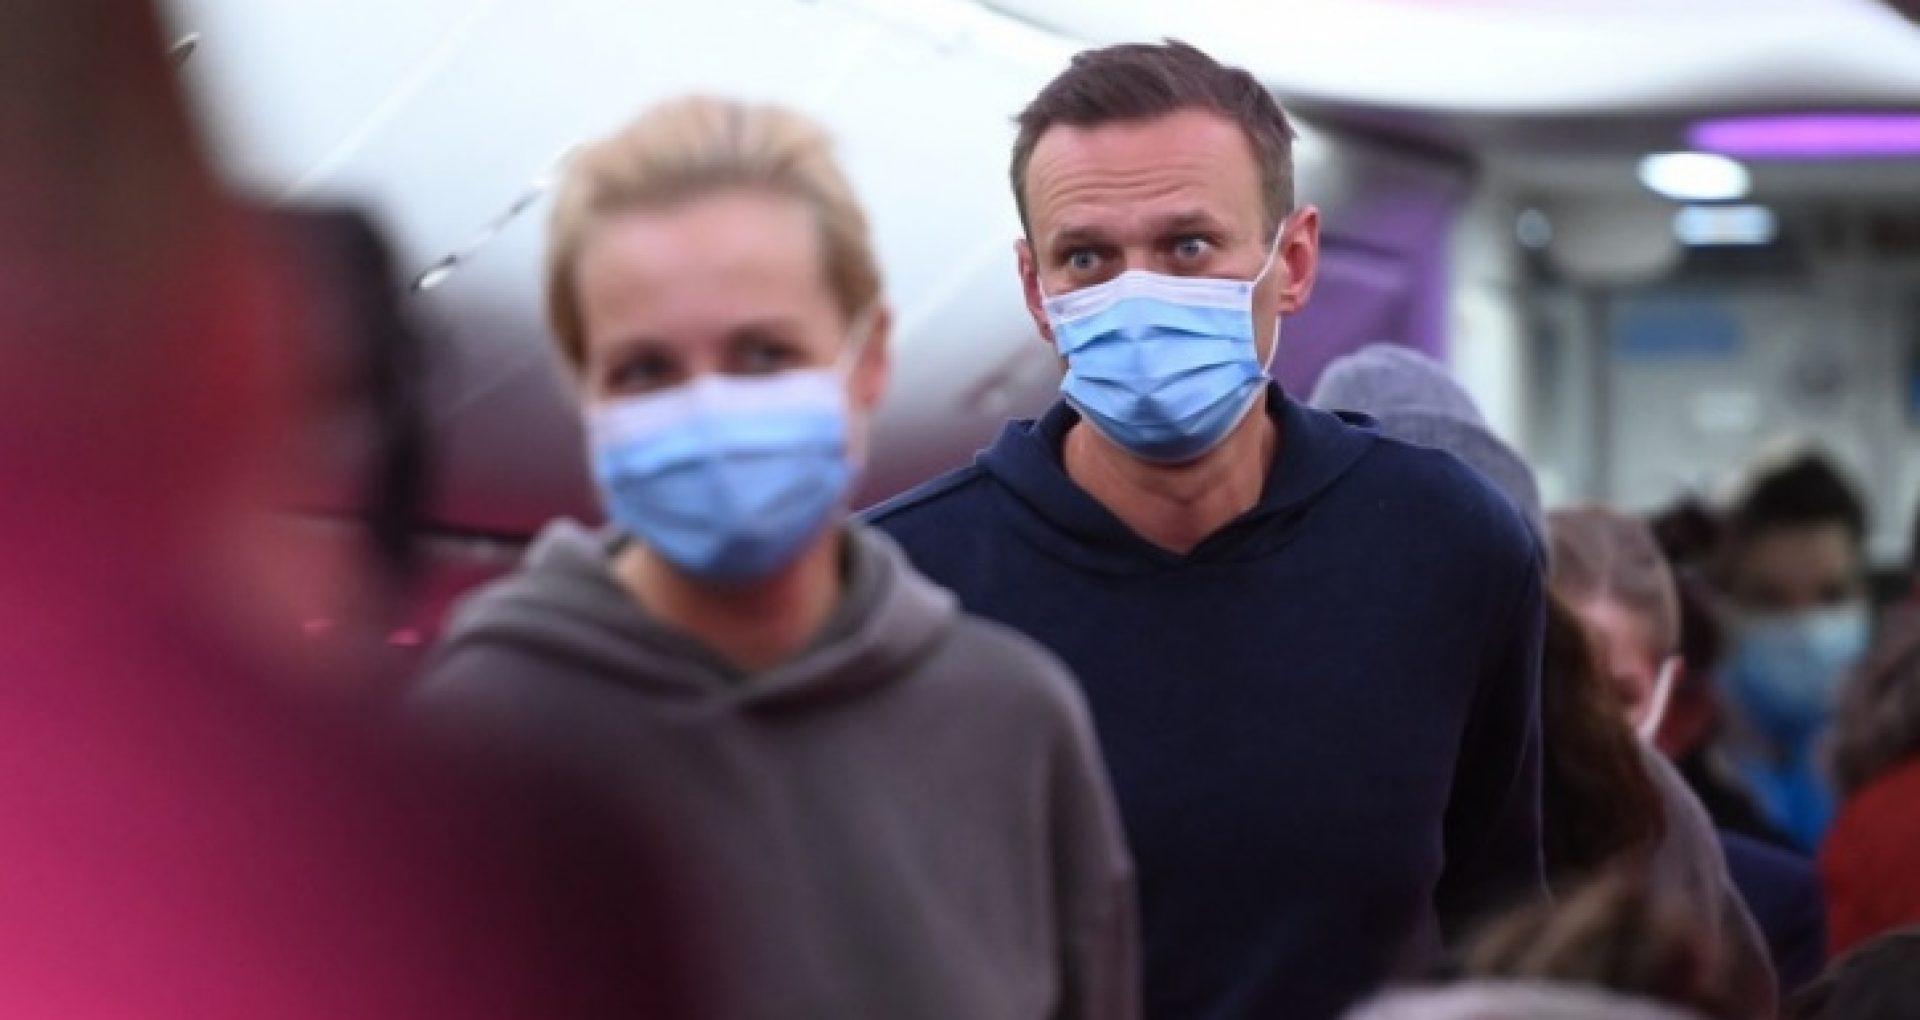 Ministrul de Externe al României: Arestarea lui Navalny, după otrăvire, este inacceptabilă